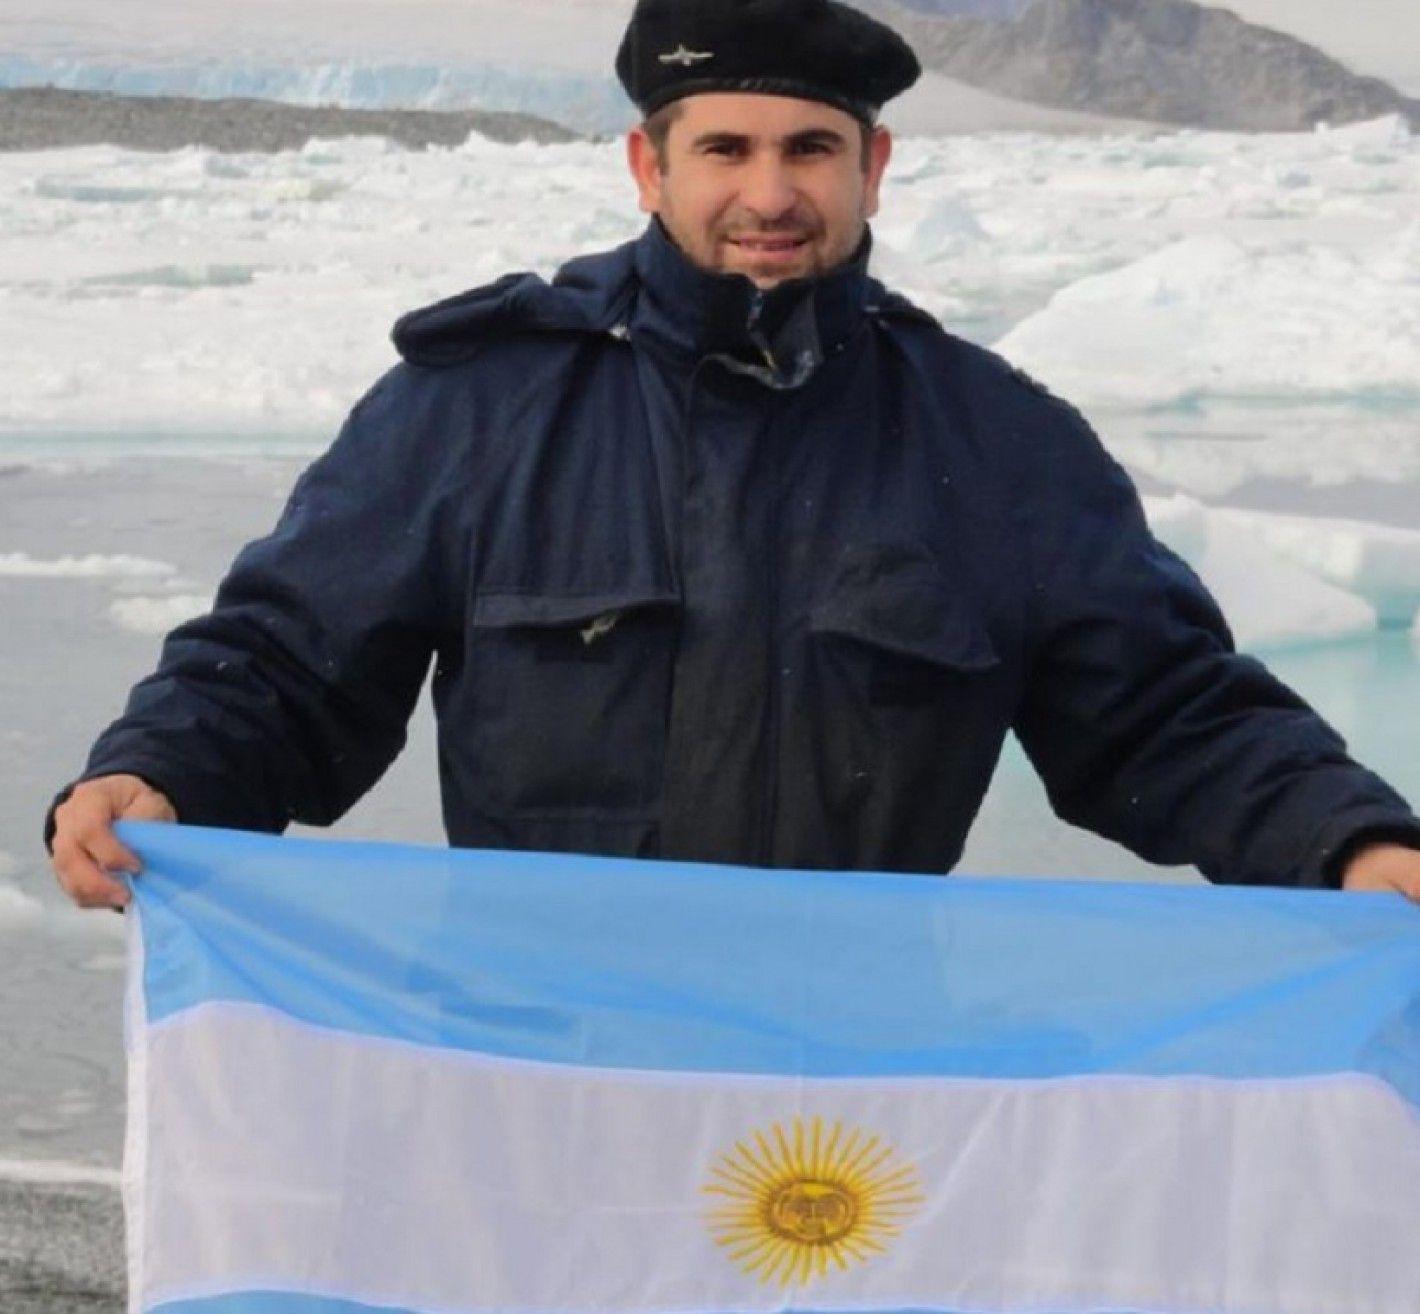 El hermano del maquinista del submarino desaparecido: Estoy confiado de que van a volver